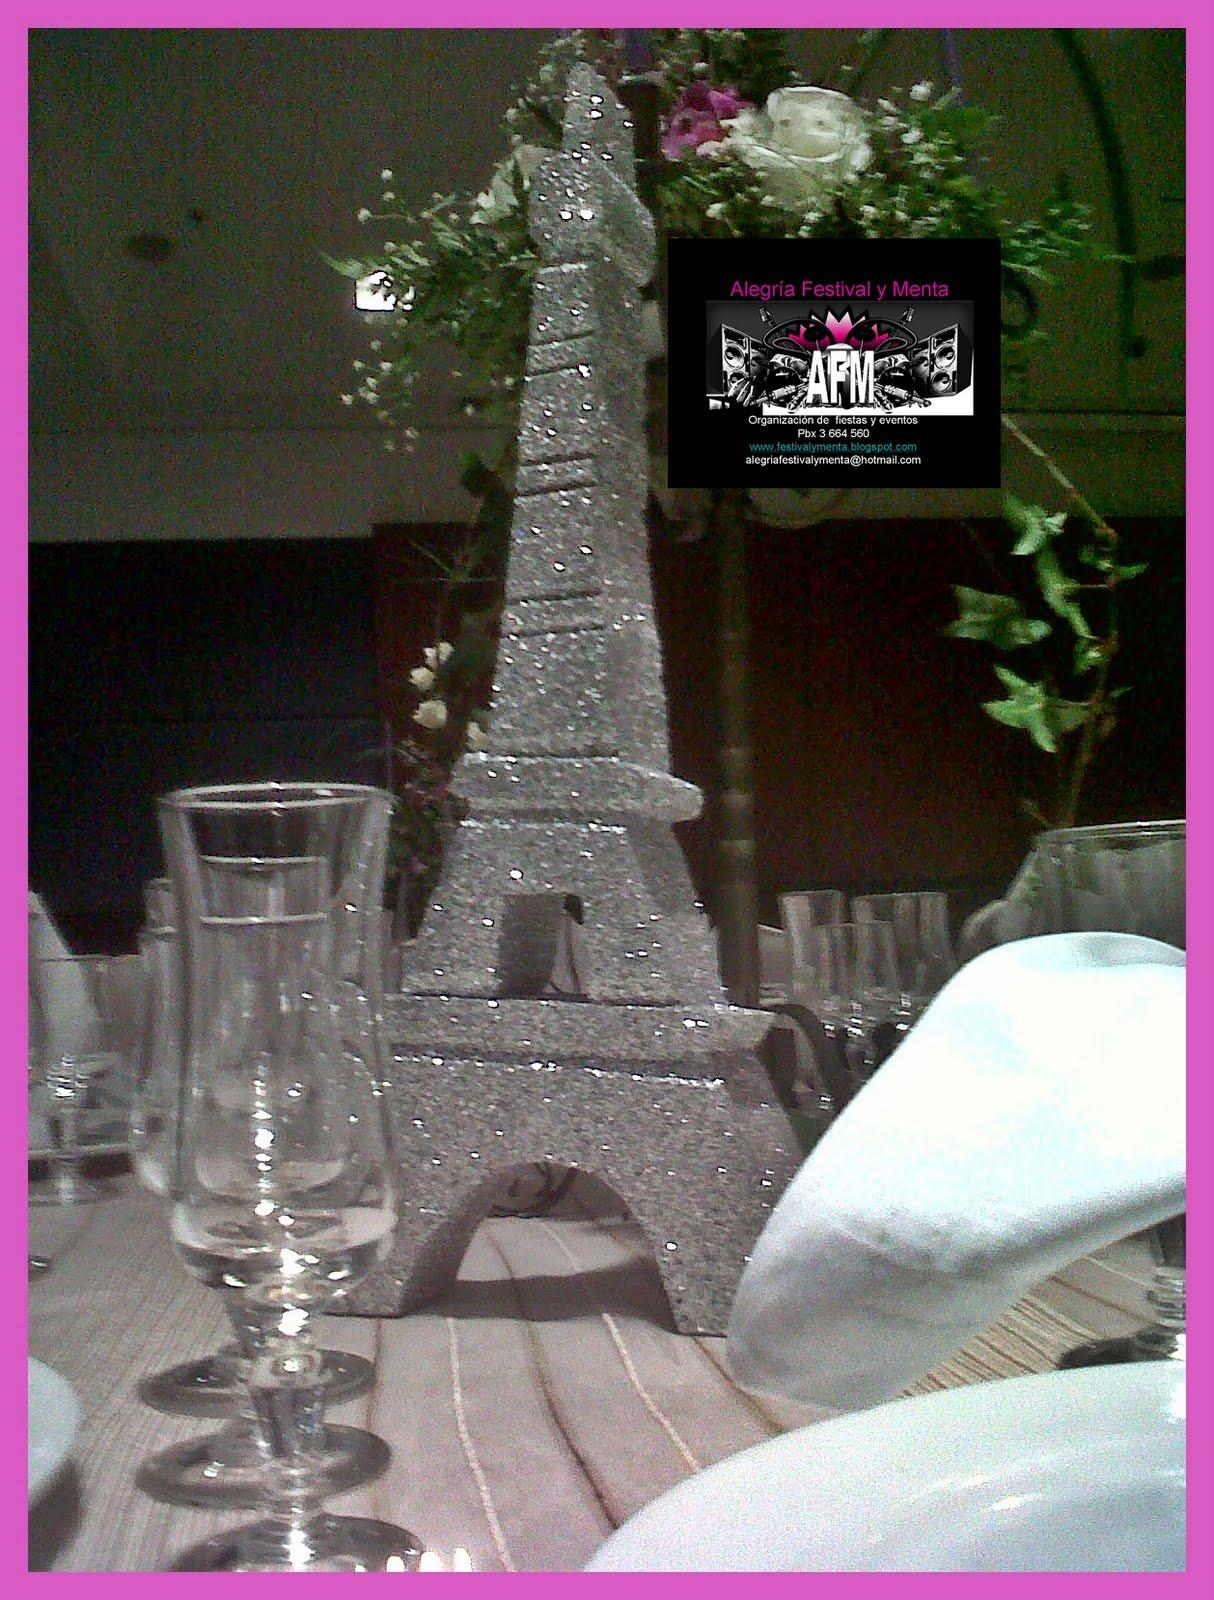 Decoracion Quincea?eras Paris ~ ALEGRIA FESTIVAL Y MENTA BODAS 15 A?OS FIESTA TEMATICA PARIS